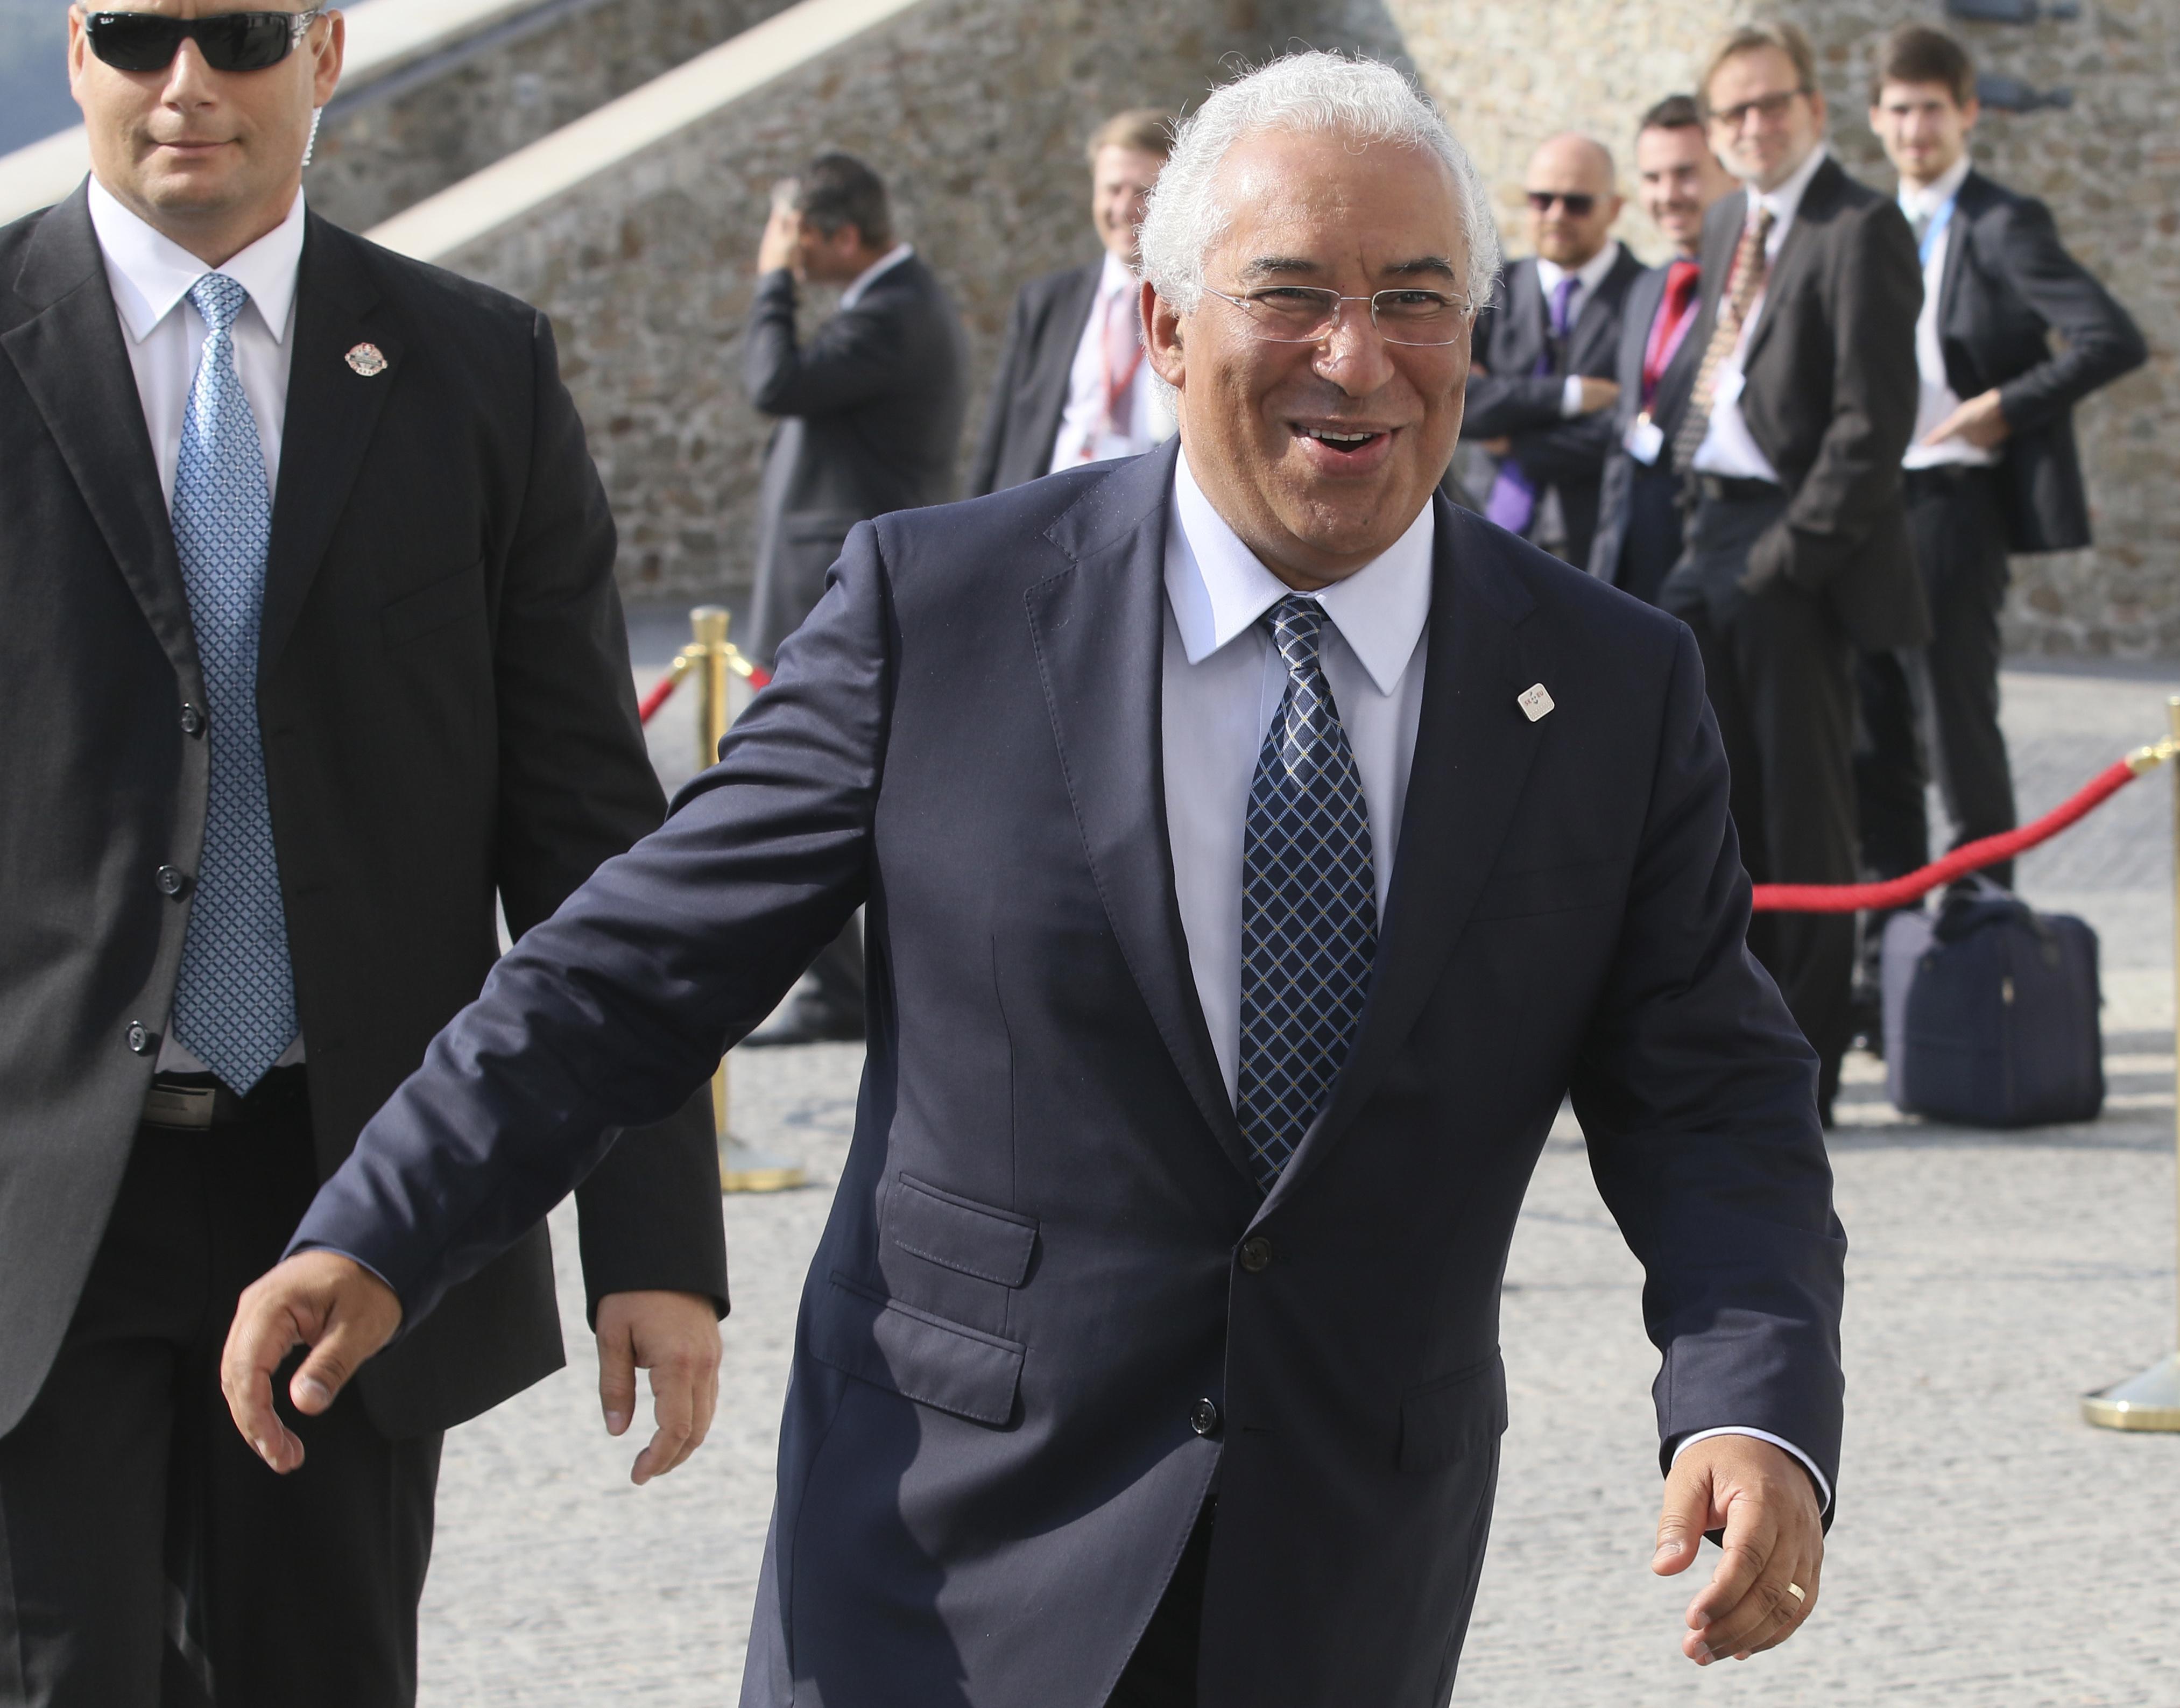 Garantia foi dada pelo primeiro-ministro António Costa. / Gtres